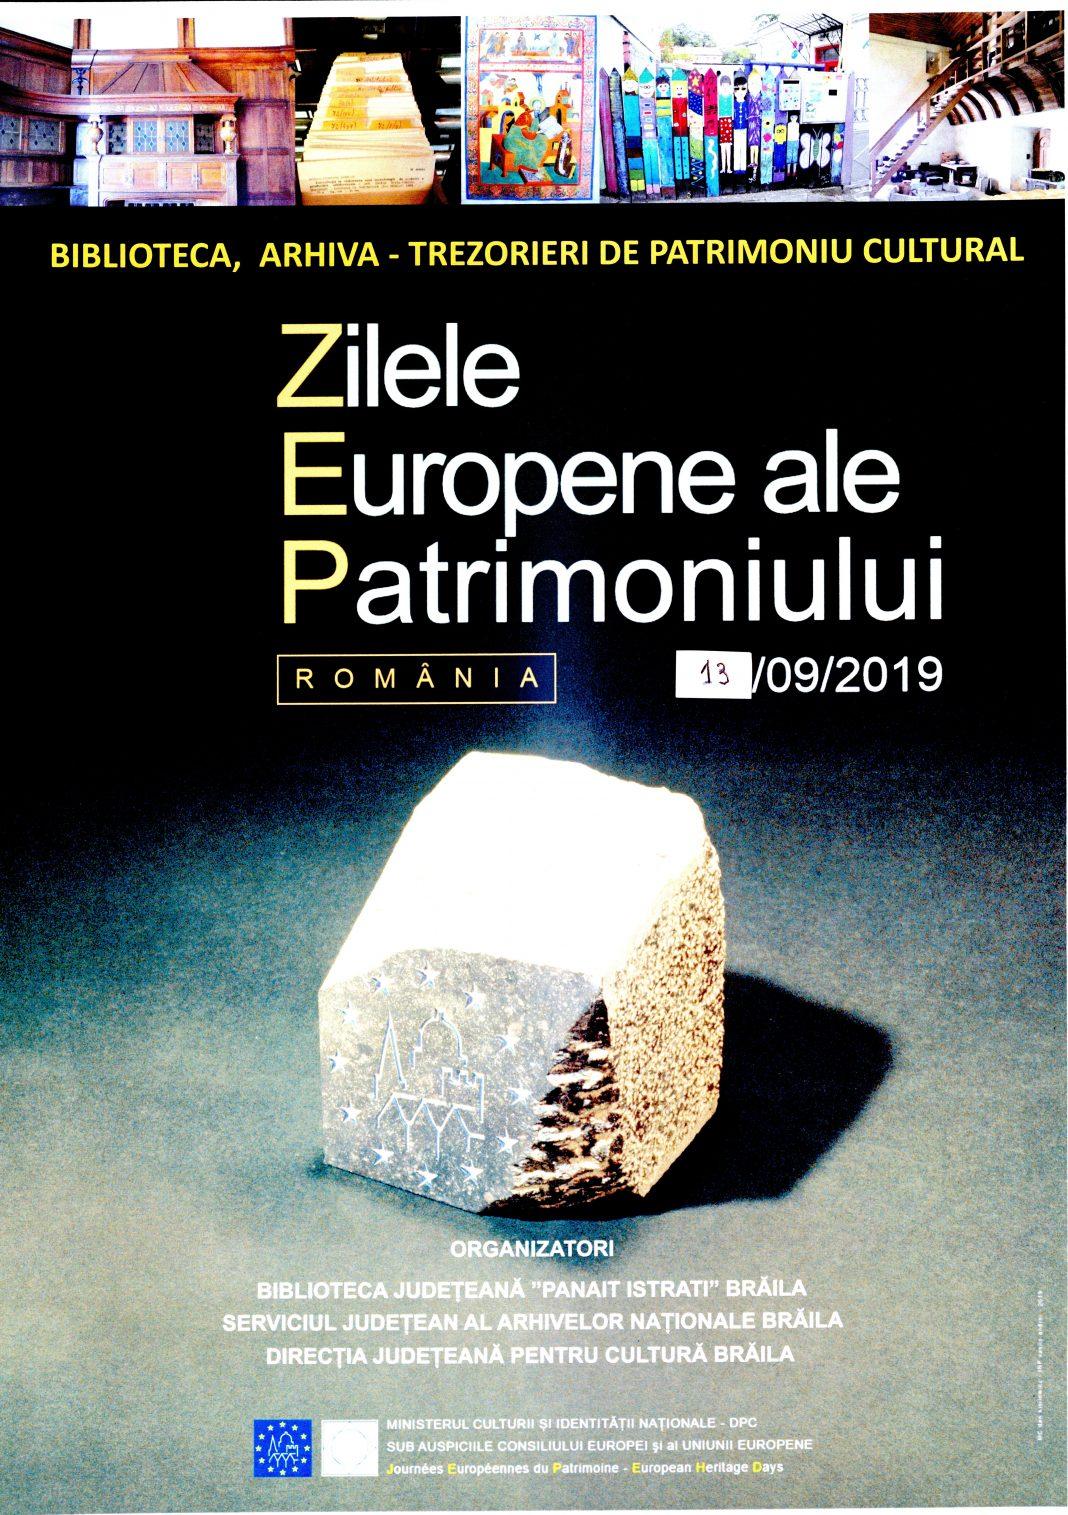 Expoziție dedicată Zilelor Europene ale Patrimoniului la Bibliotecă